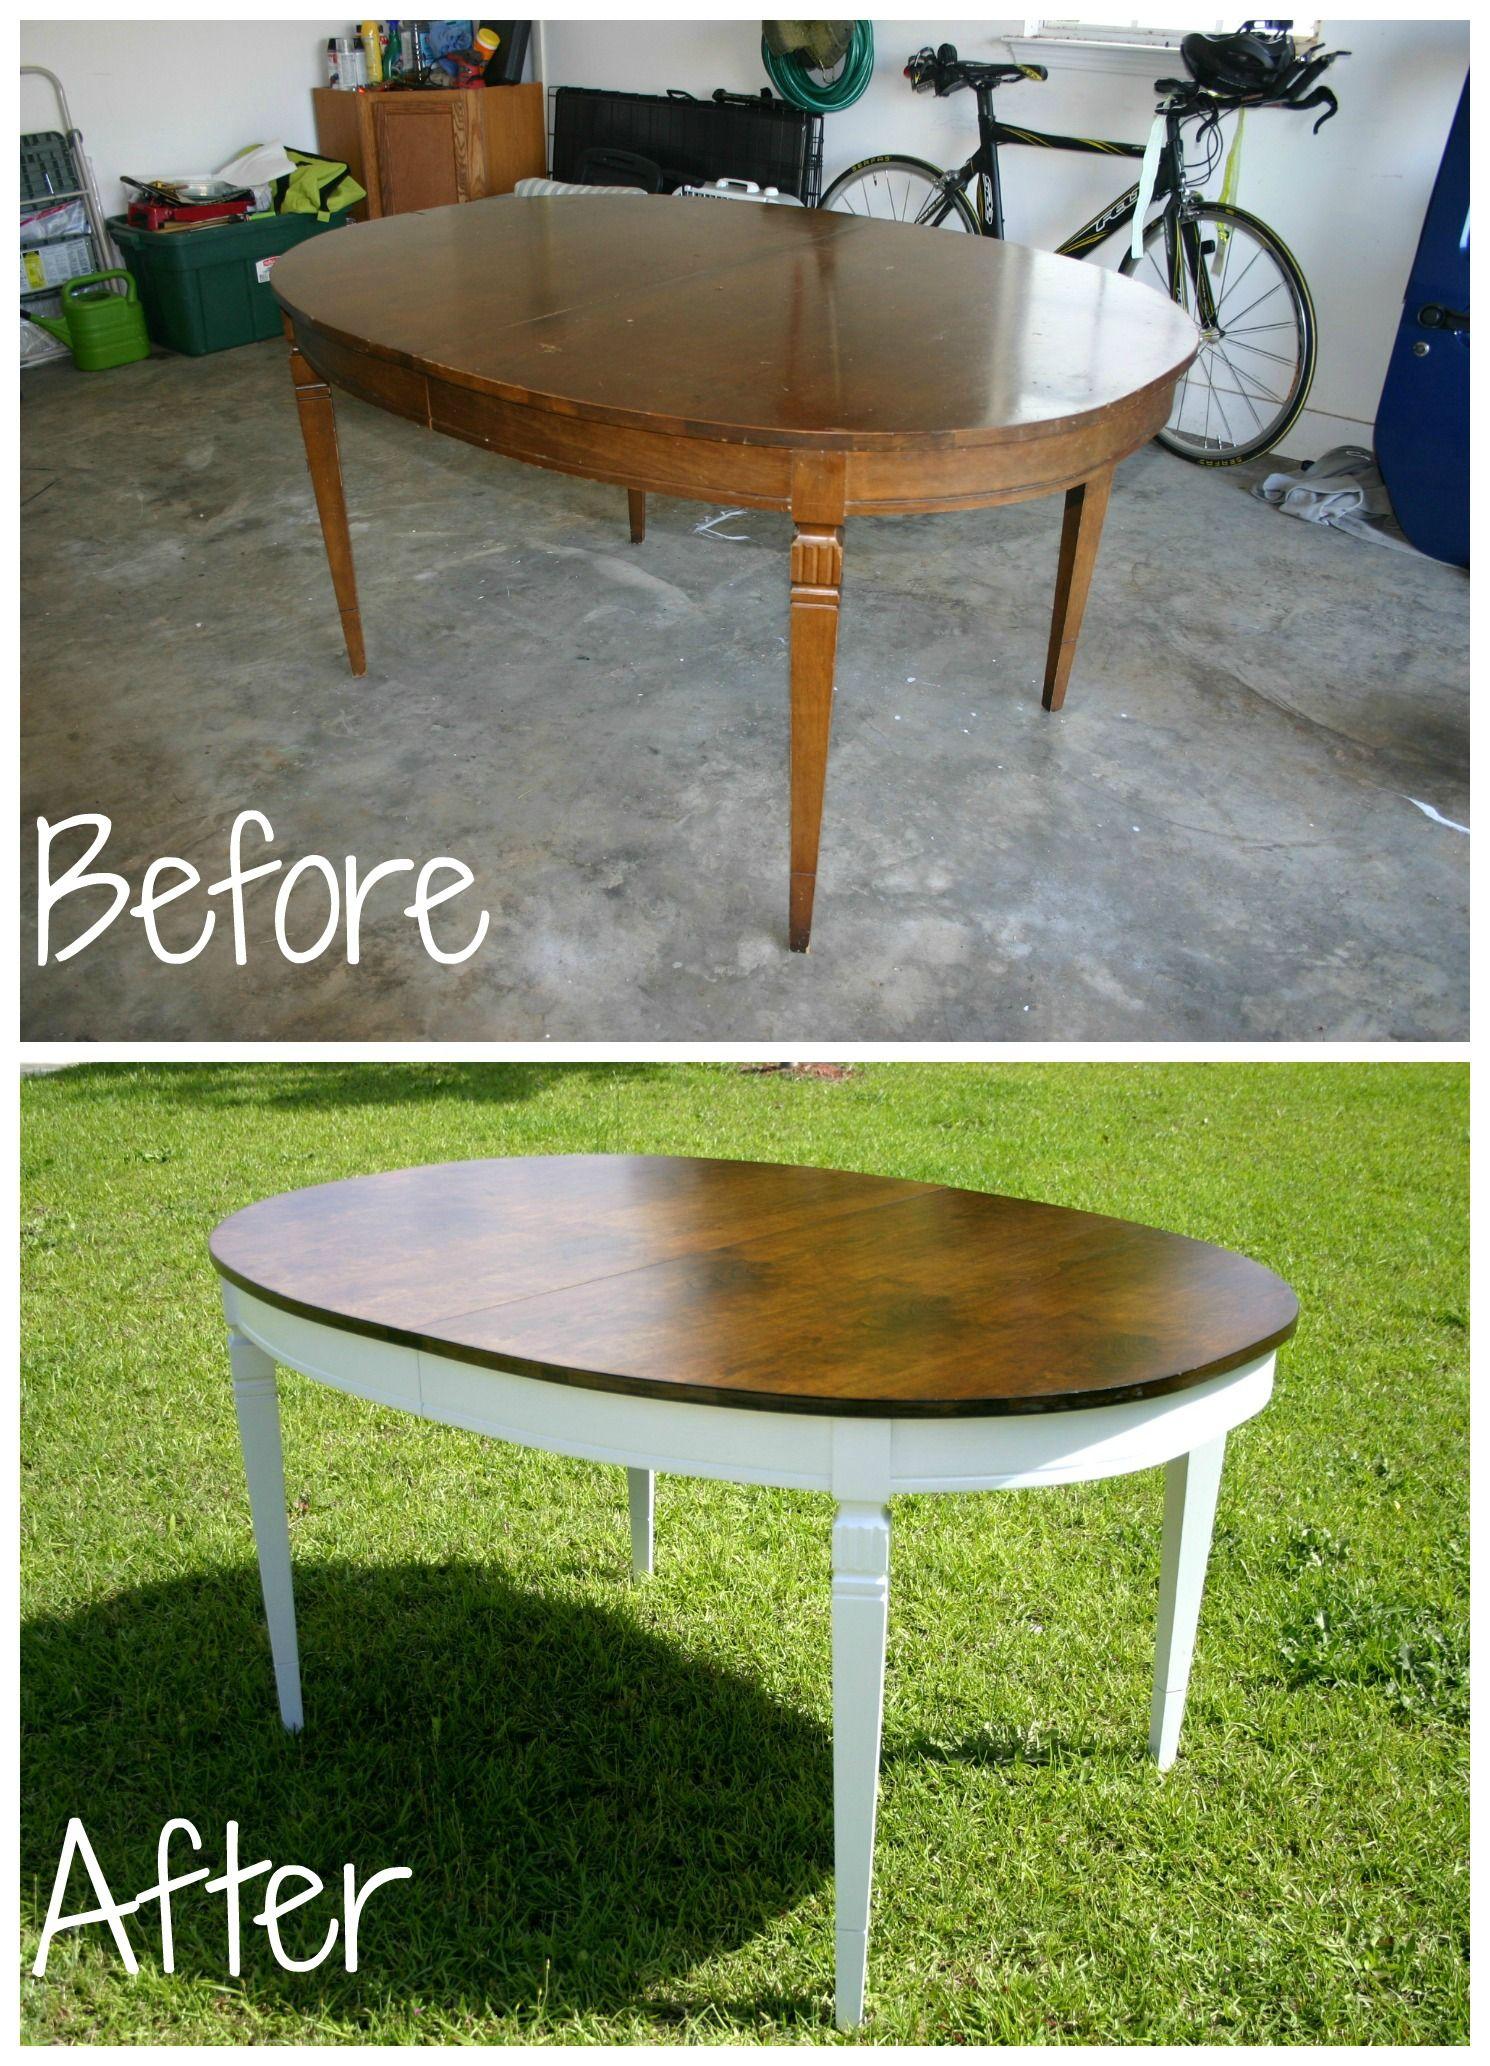 Refinished Dining Room Table https://www.facebook.com/BleakToChicFurniture